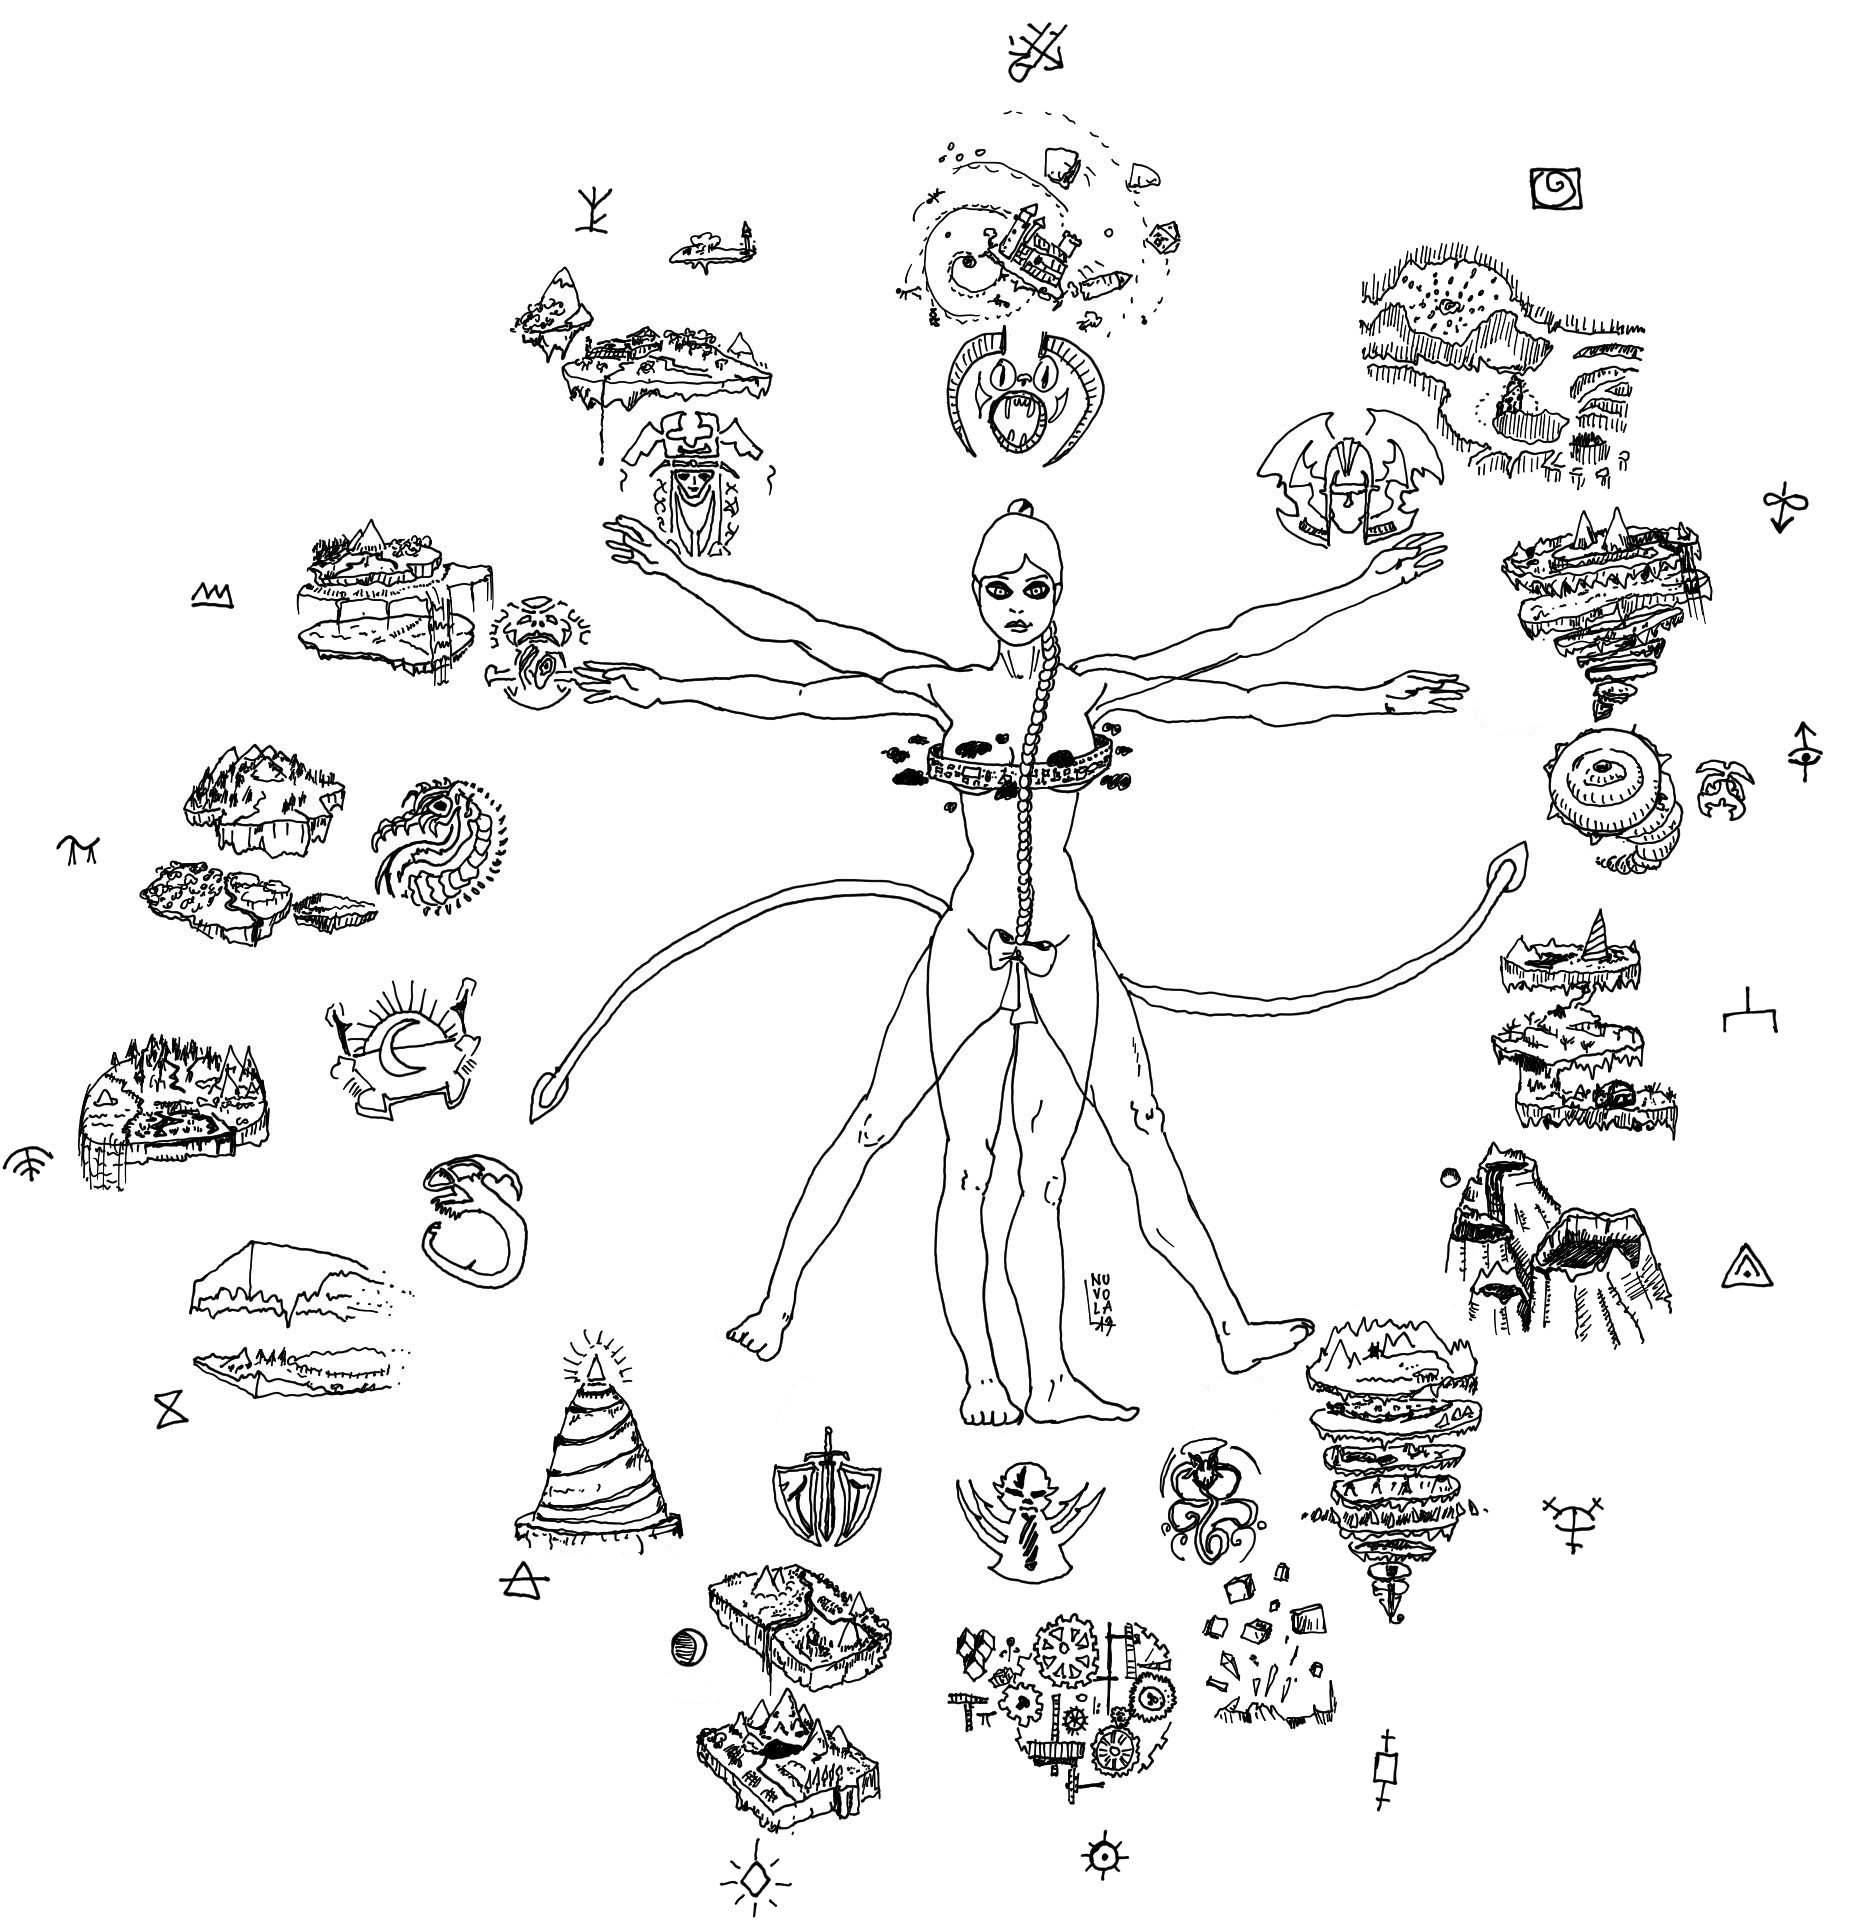 """nuvola planescape """"Signora del caos"""" (dal forum UO, """"Signora del caos - outlands, fazioni, allineamenti"""") - by Nuvola www.planescape.it (2013-07) © dell'autore e Ultima Online Planescape Shard"""